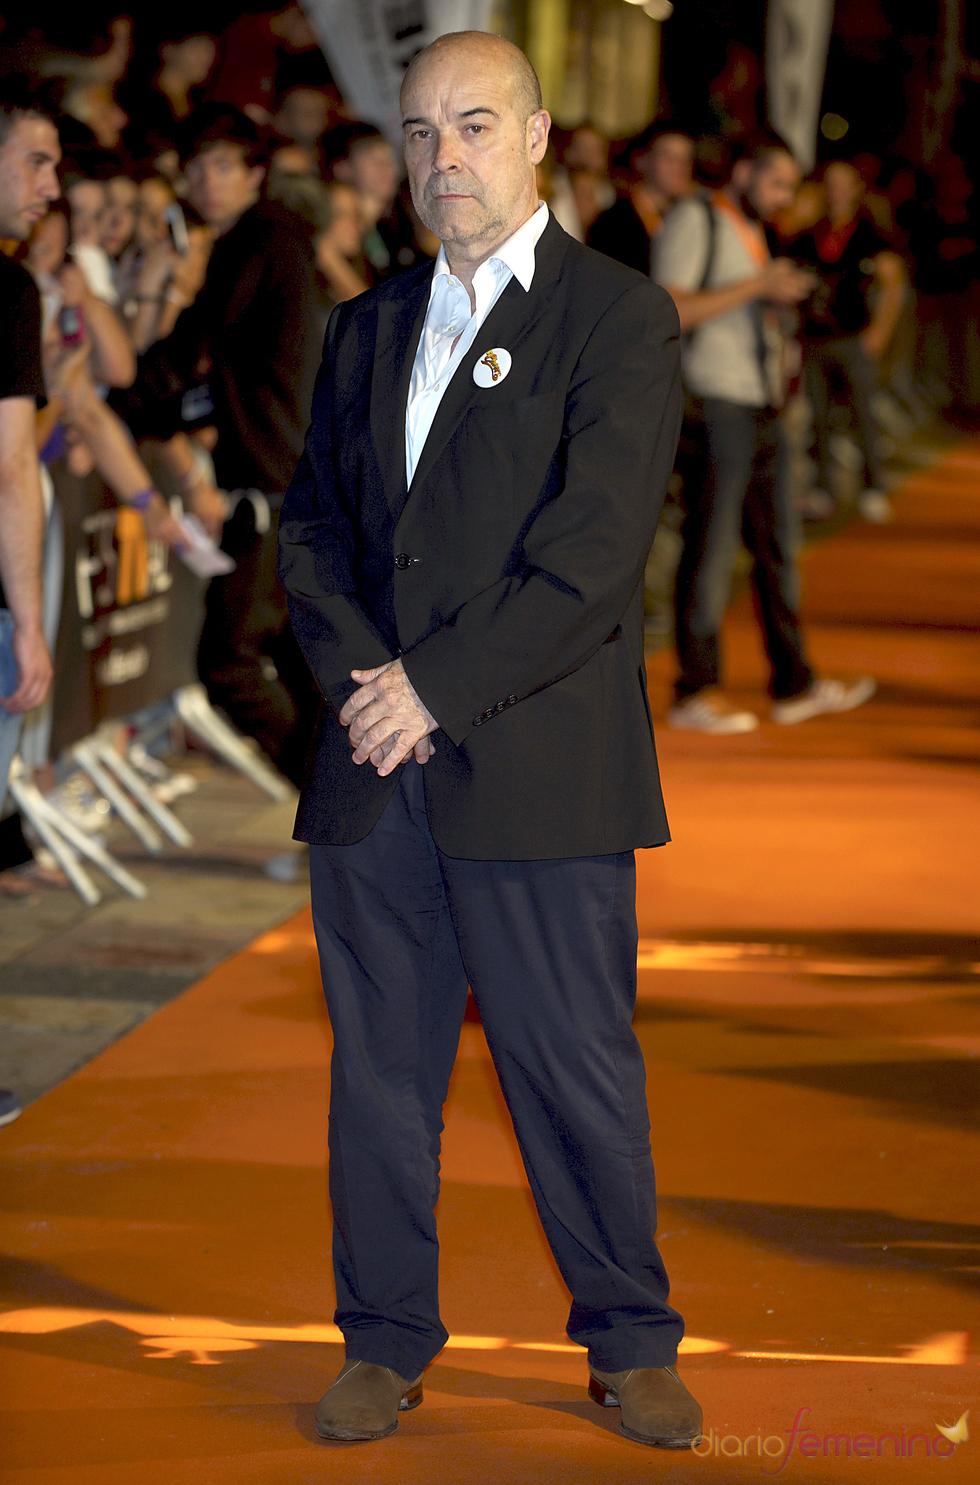 Antonio Resines en el estreno de 'Cheers' en Madrid